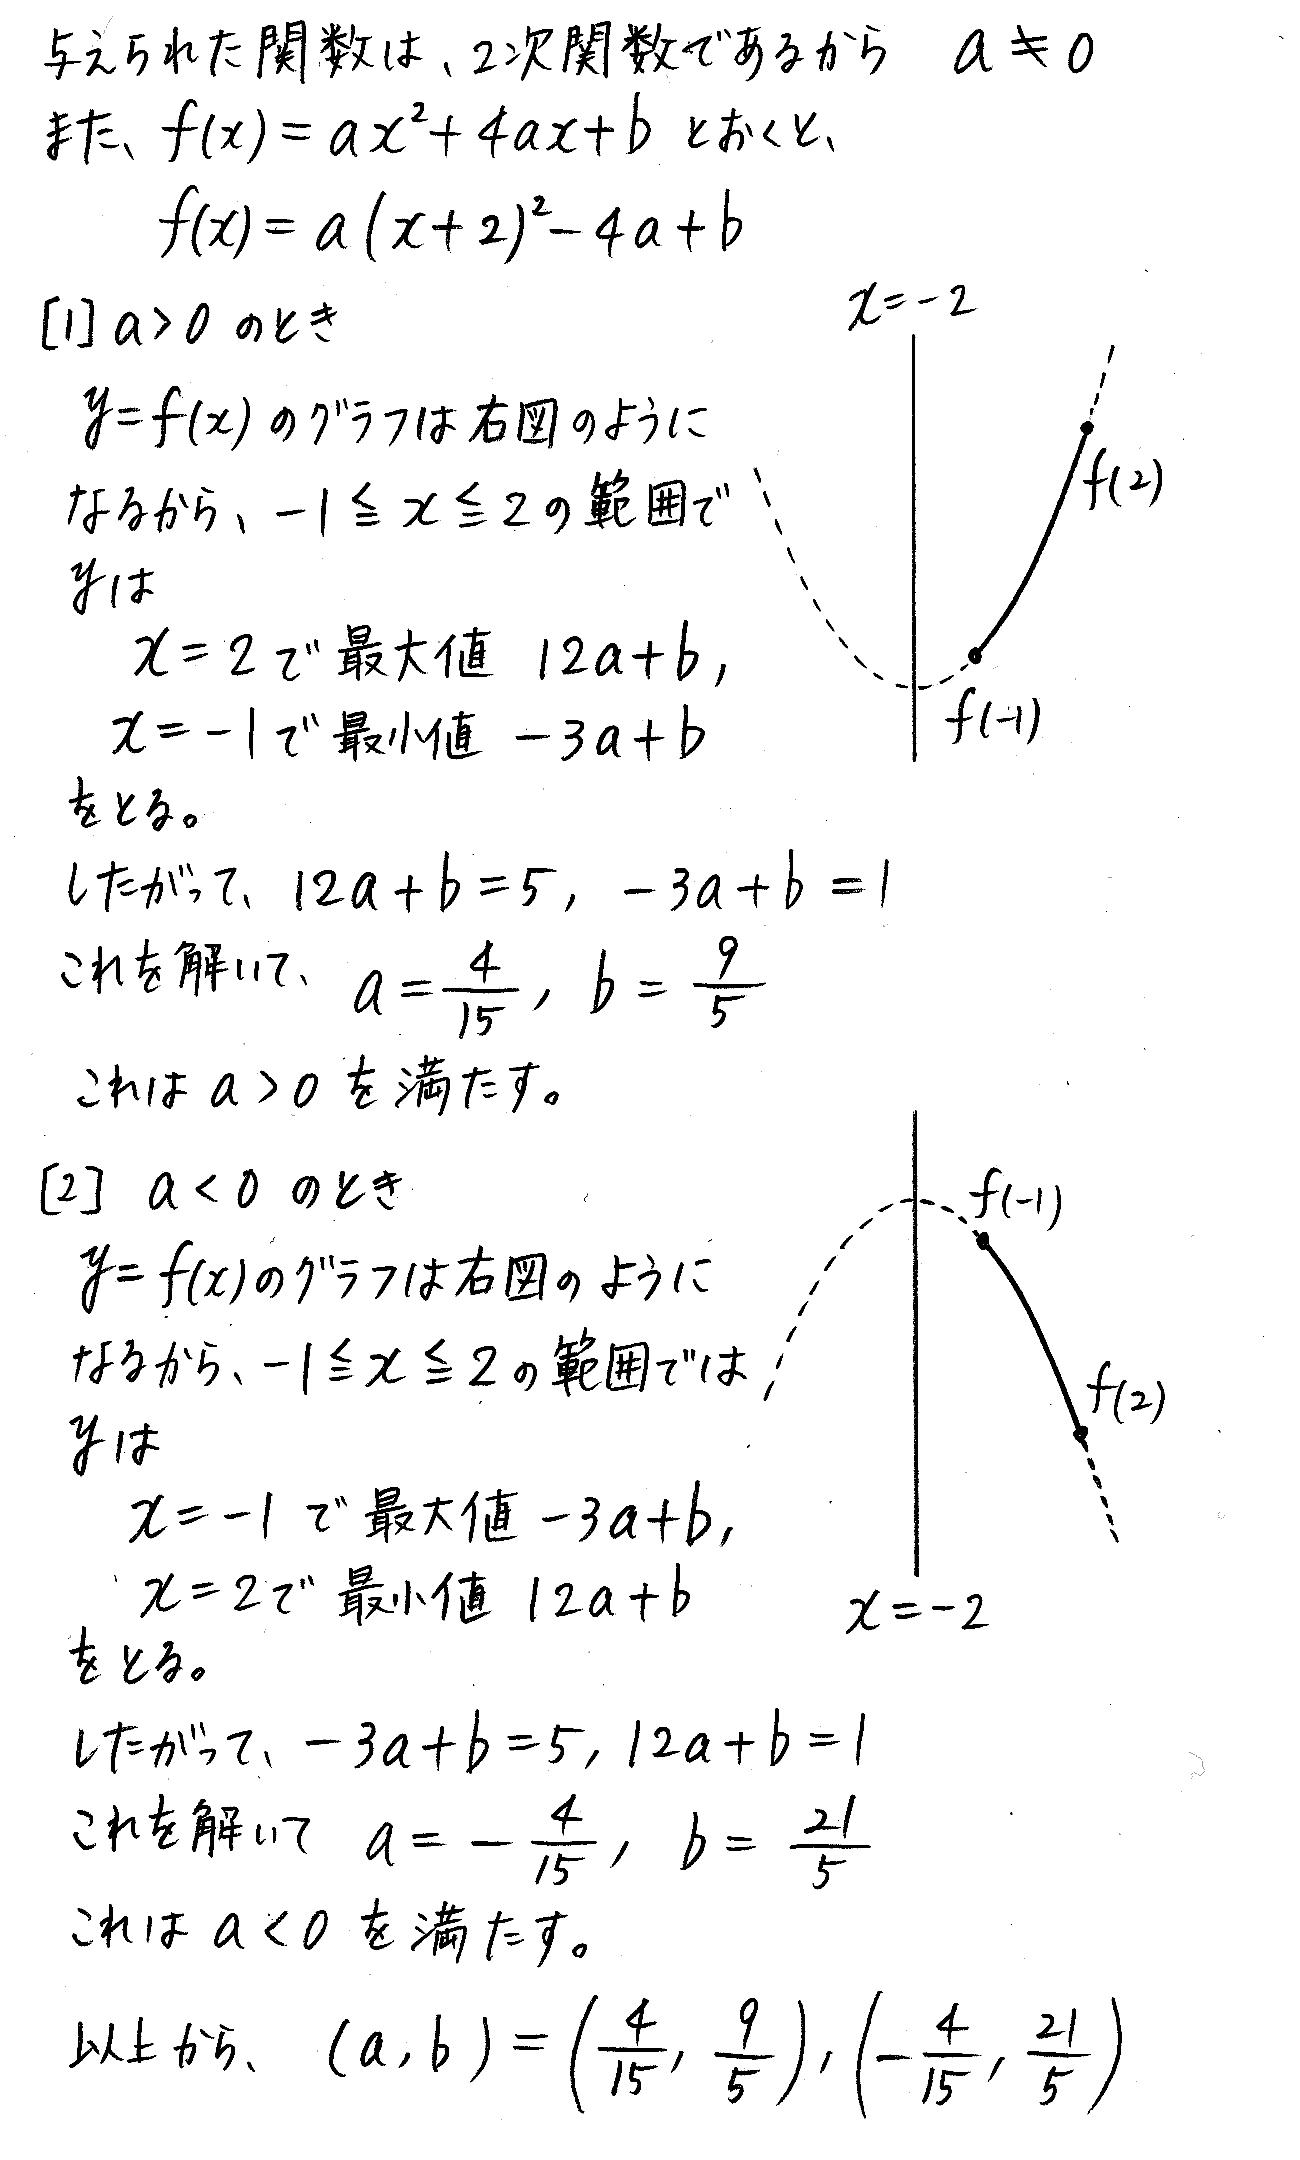 クリアー数学演習12AB受験編-26解答